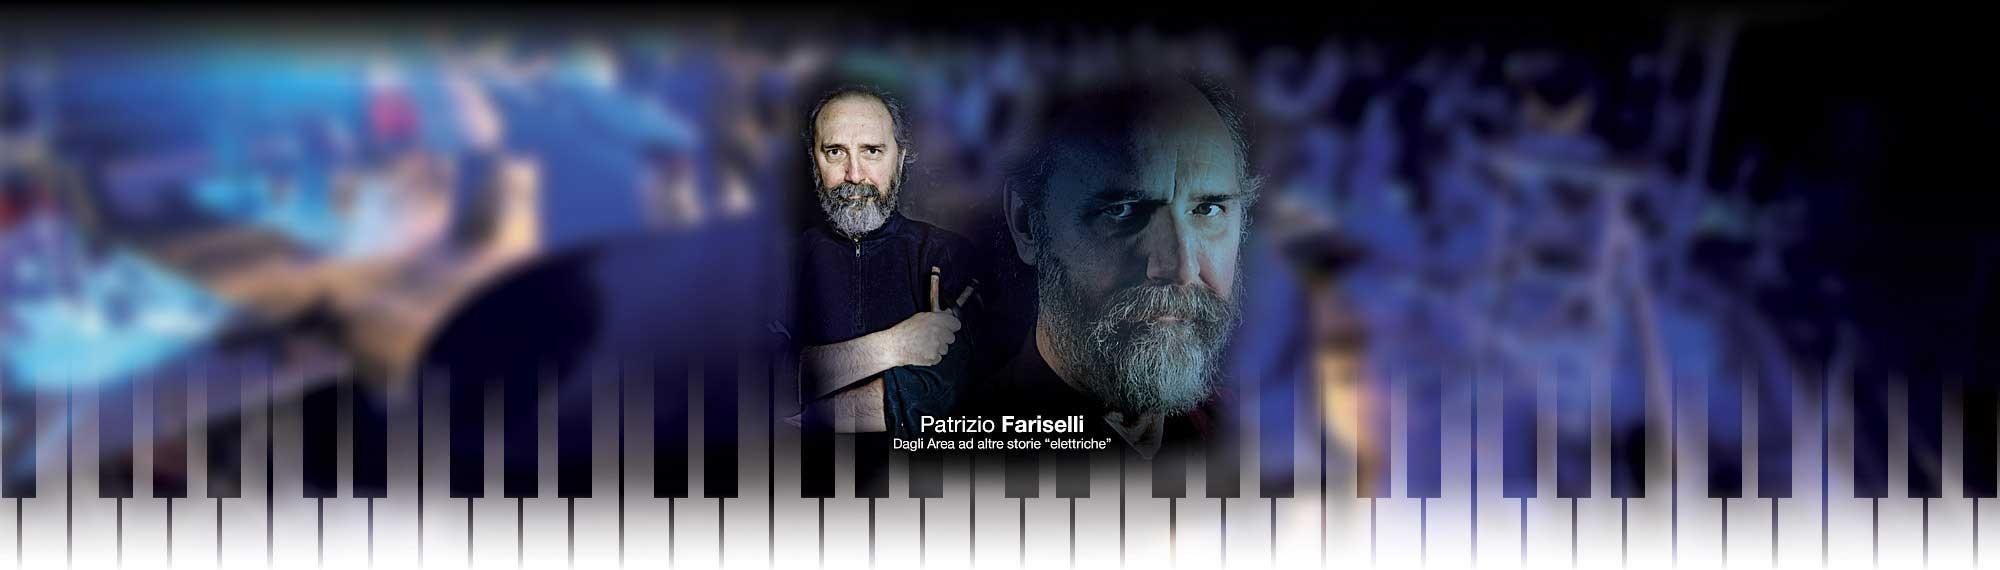 sfondo_fariselli_home